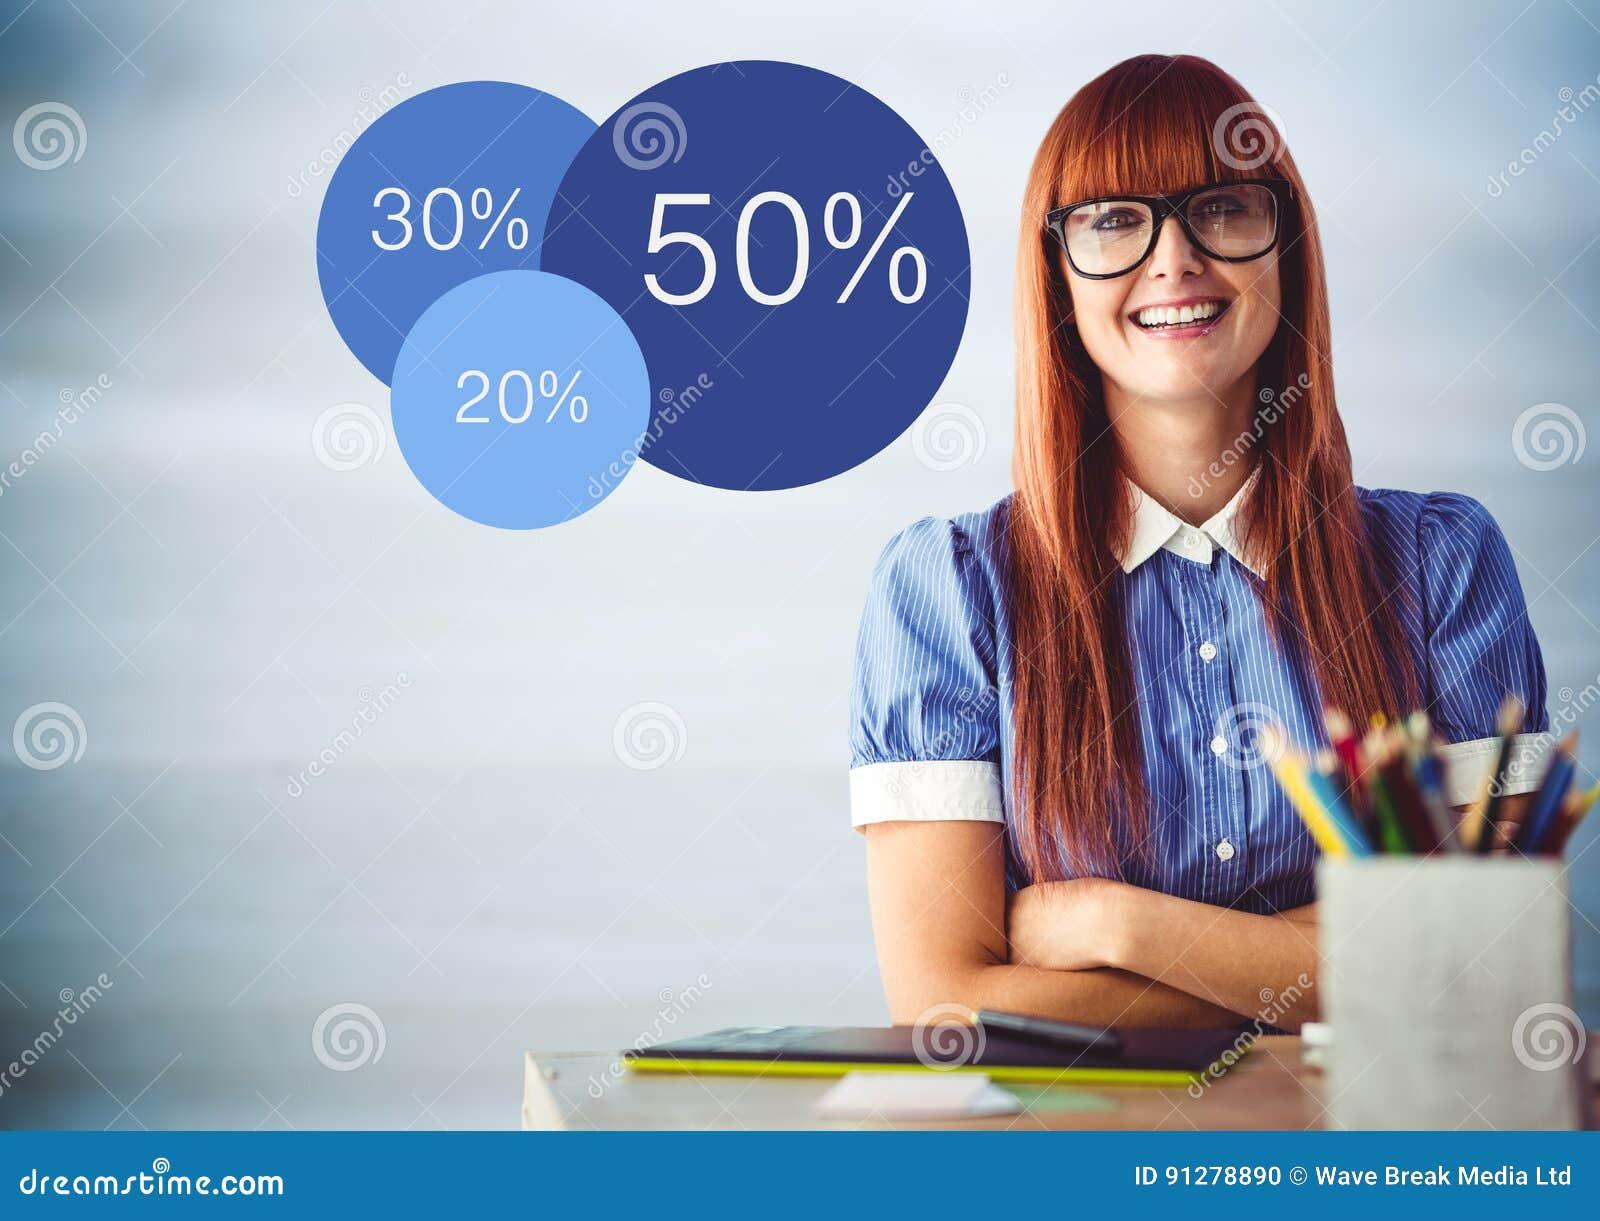 Kvinnan på skrivbordet med armar korsade och blåttstatistik mot oskarp blå wood panel